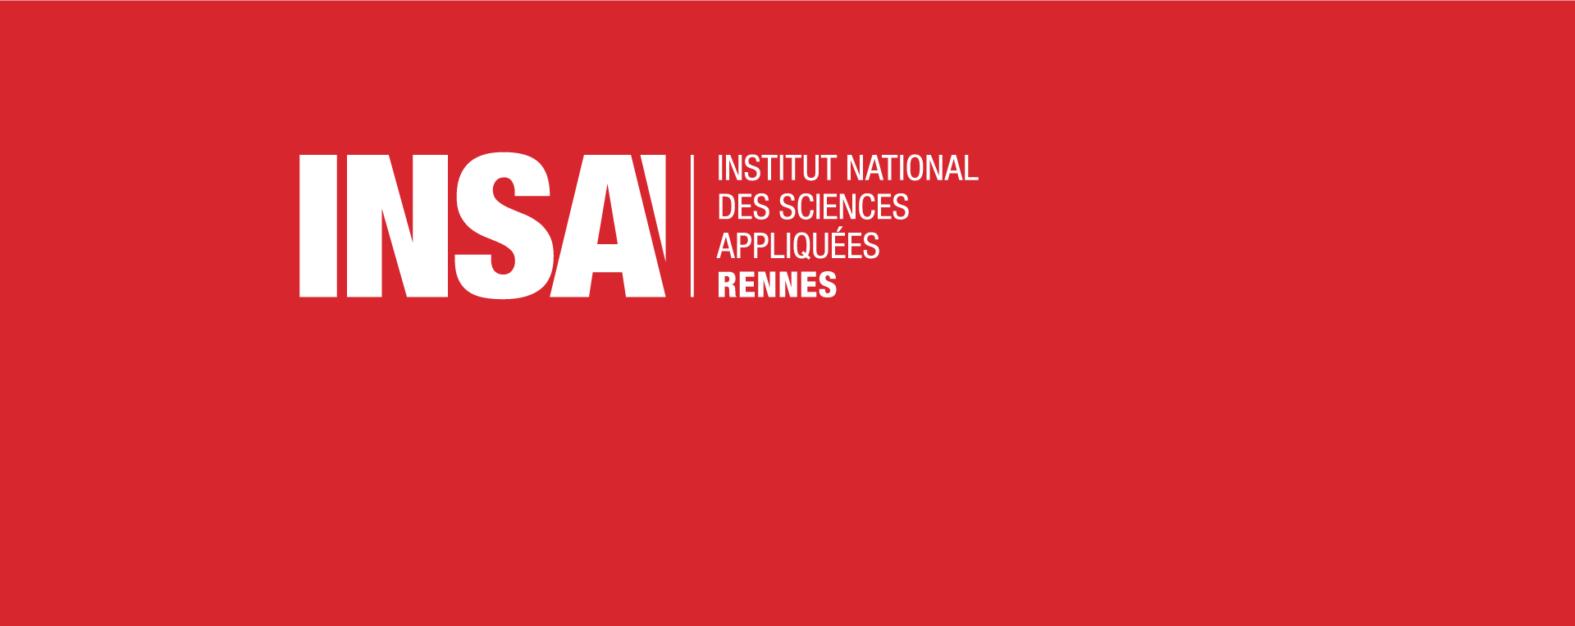 Landeau Création INSA directionnel signalétique